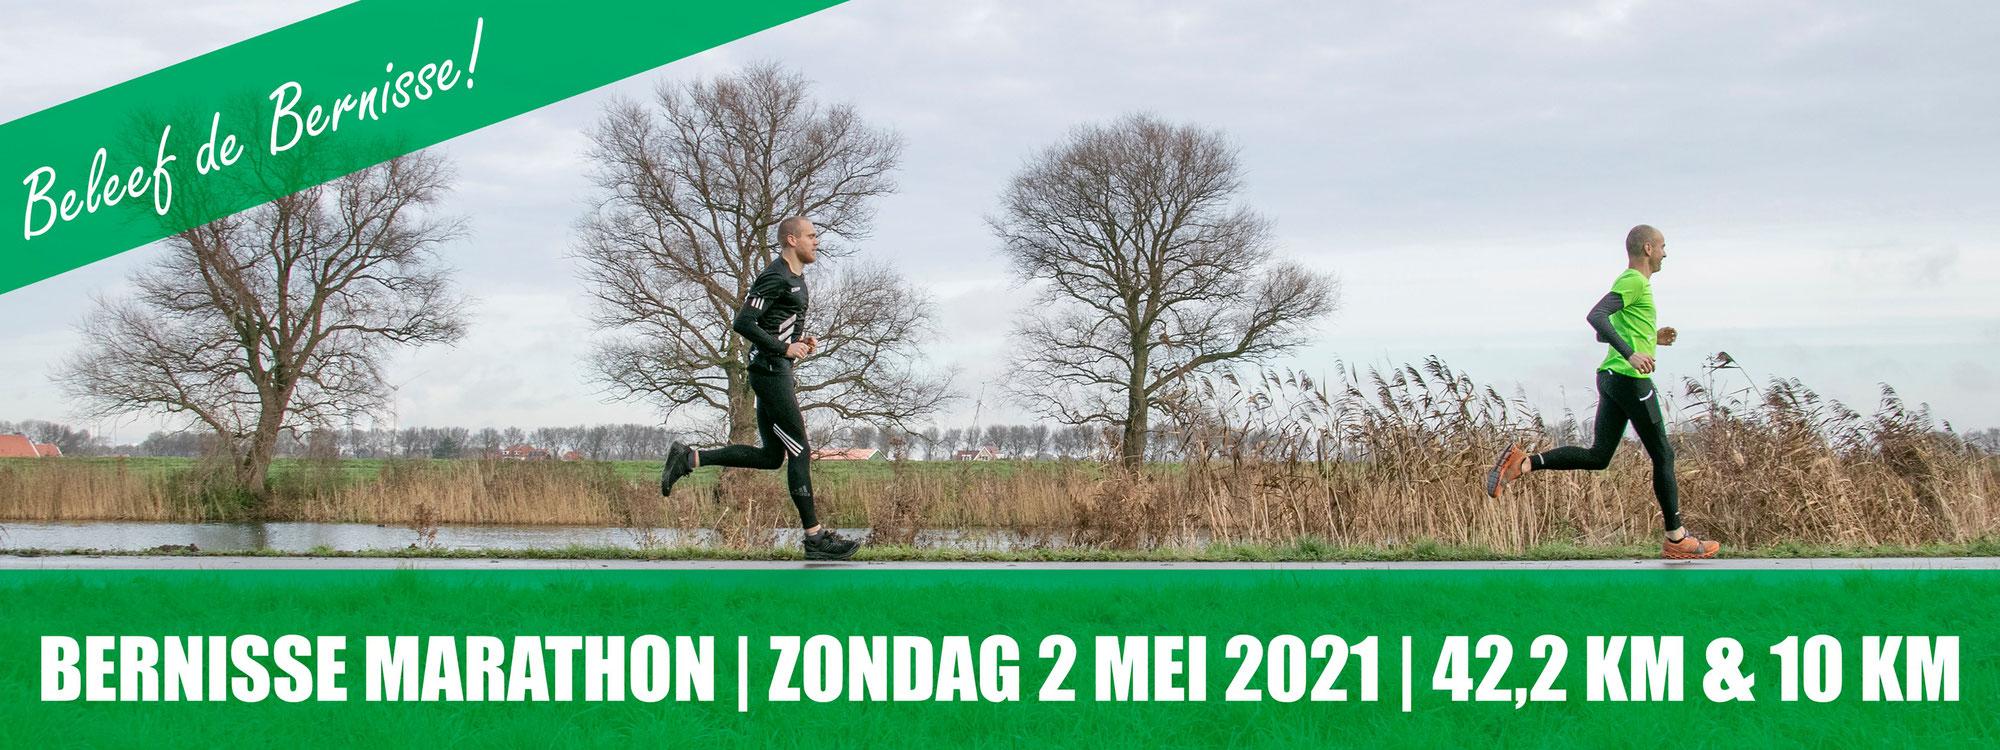 Bernisse Marathon niet op 2 mei 2021!